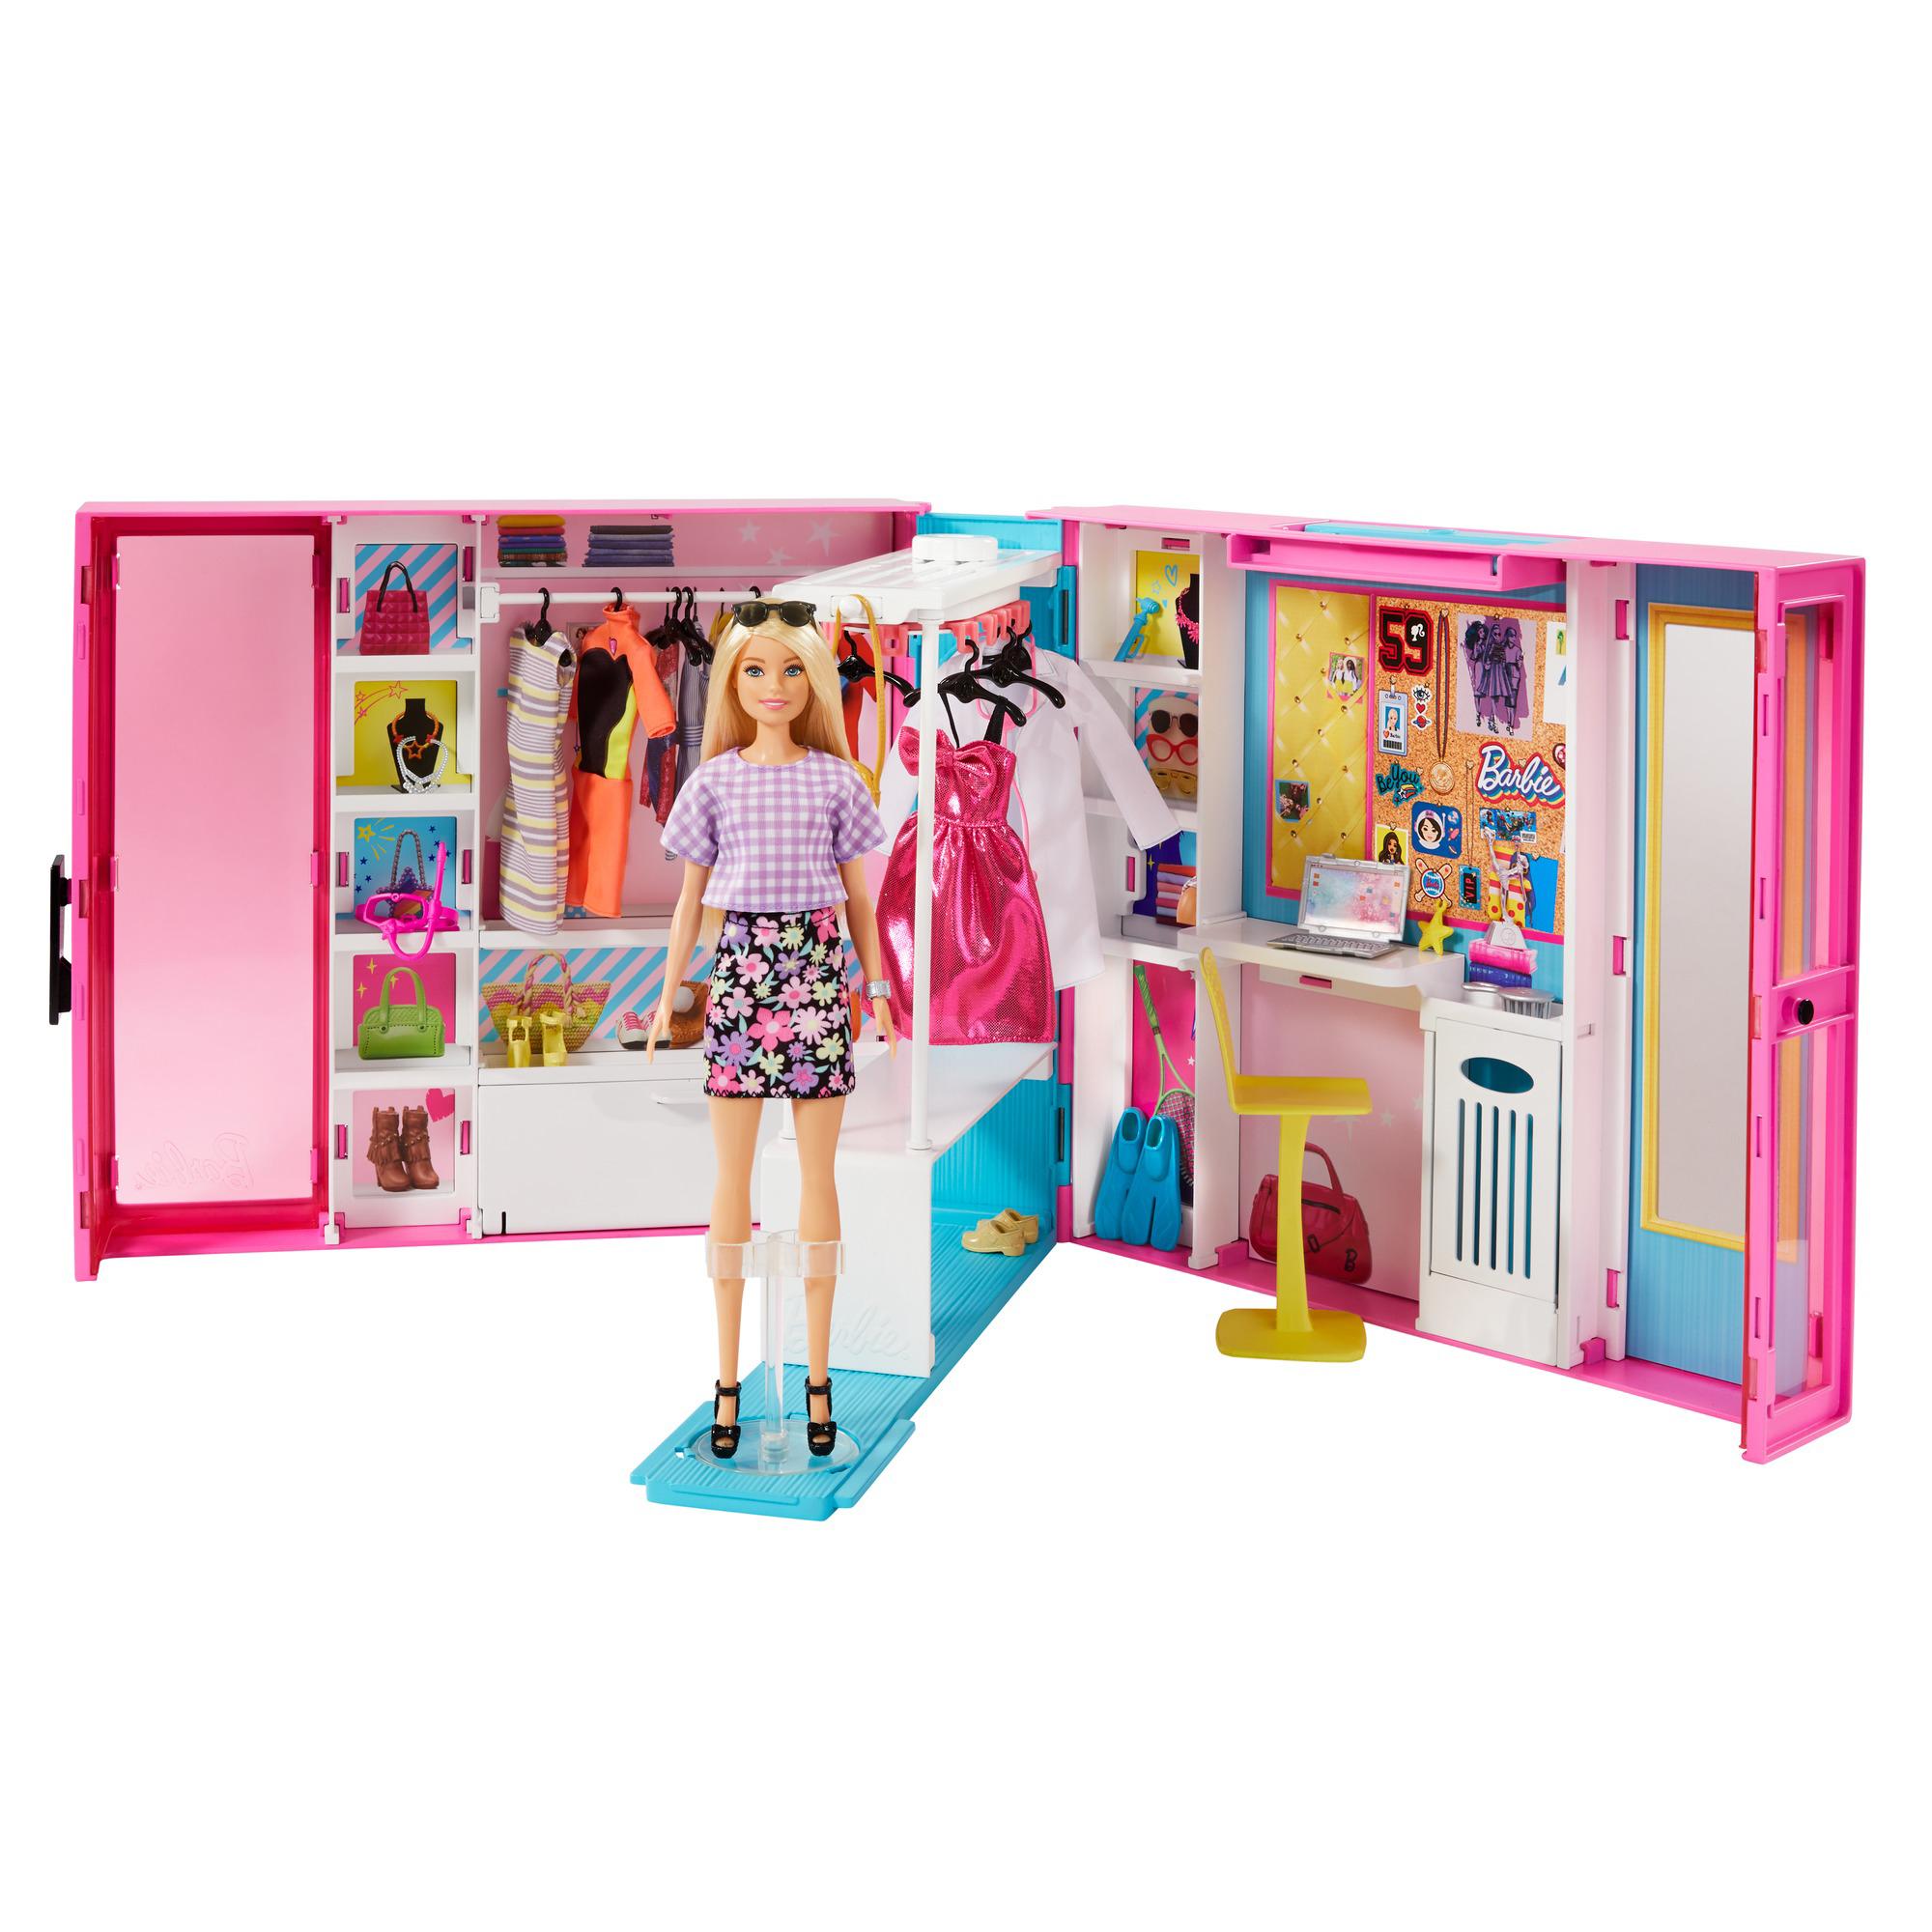 Barbie Dream Closet